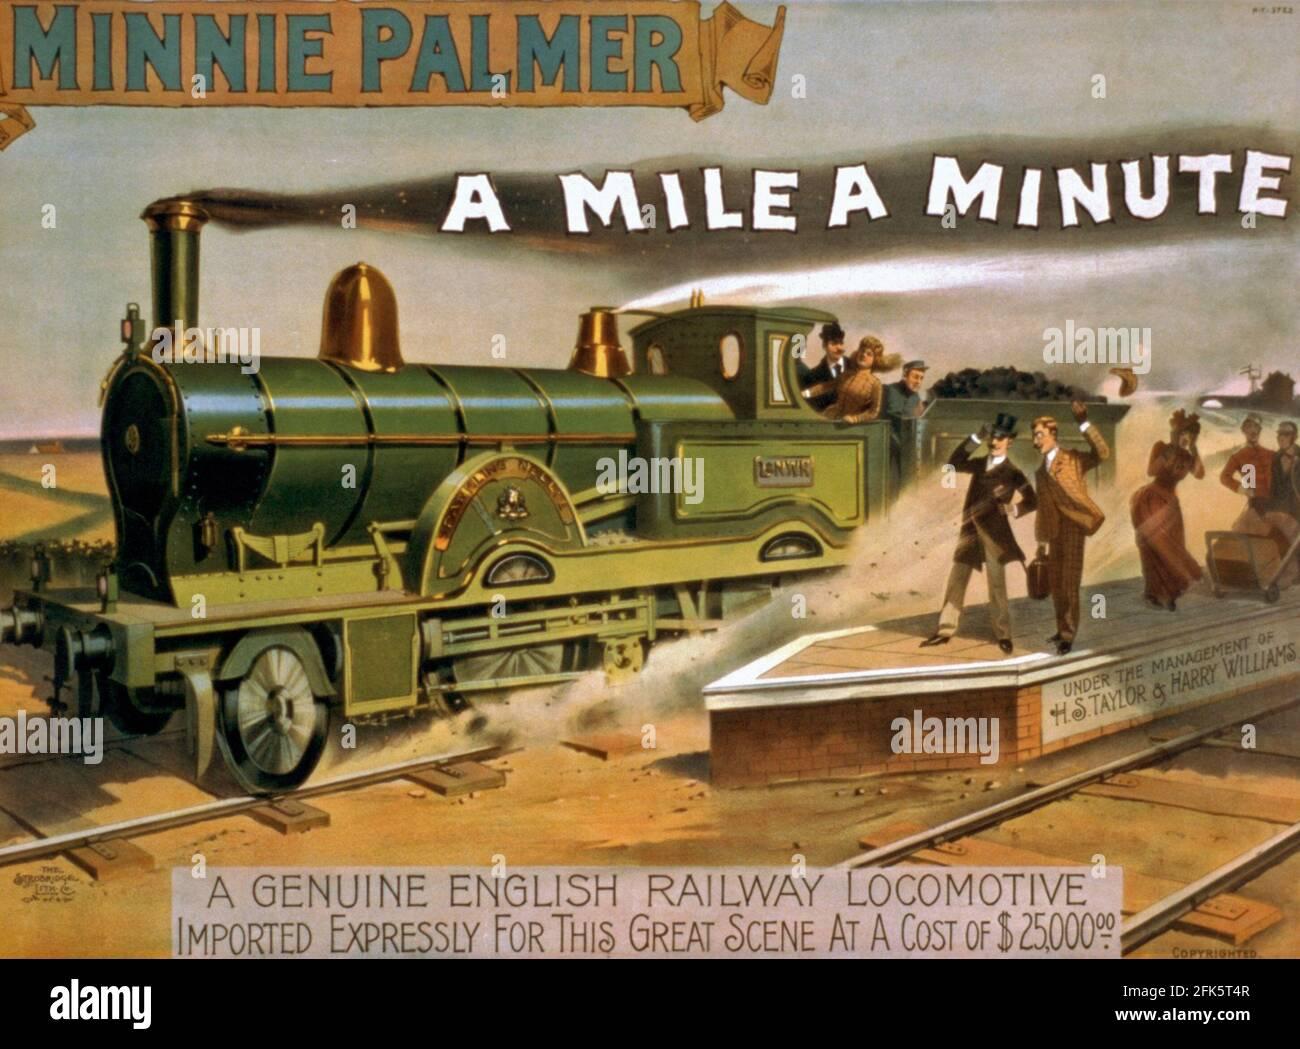 Une affiche vintage pour une locomotive anglaise Minnie Palmer qui Peut courir à un mile PAR minute Banque D'Images